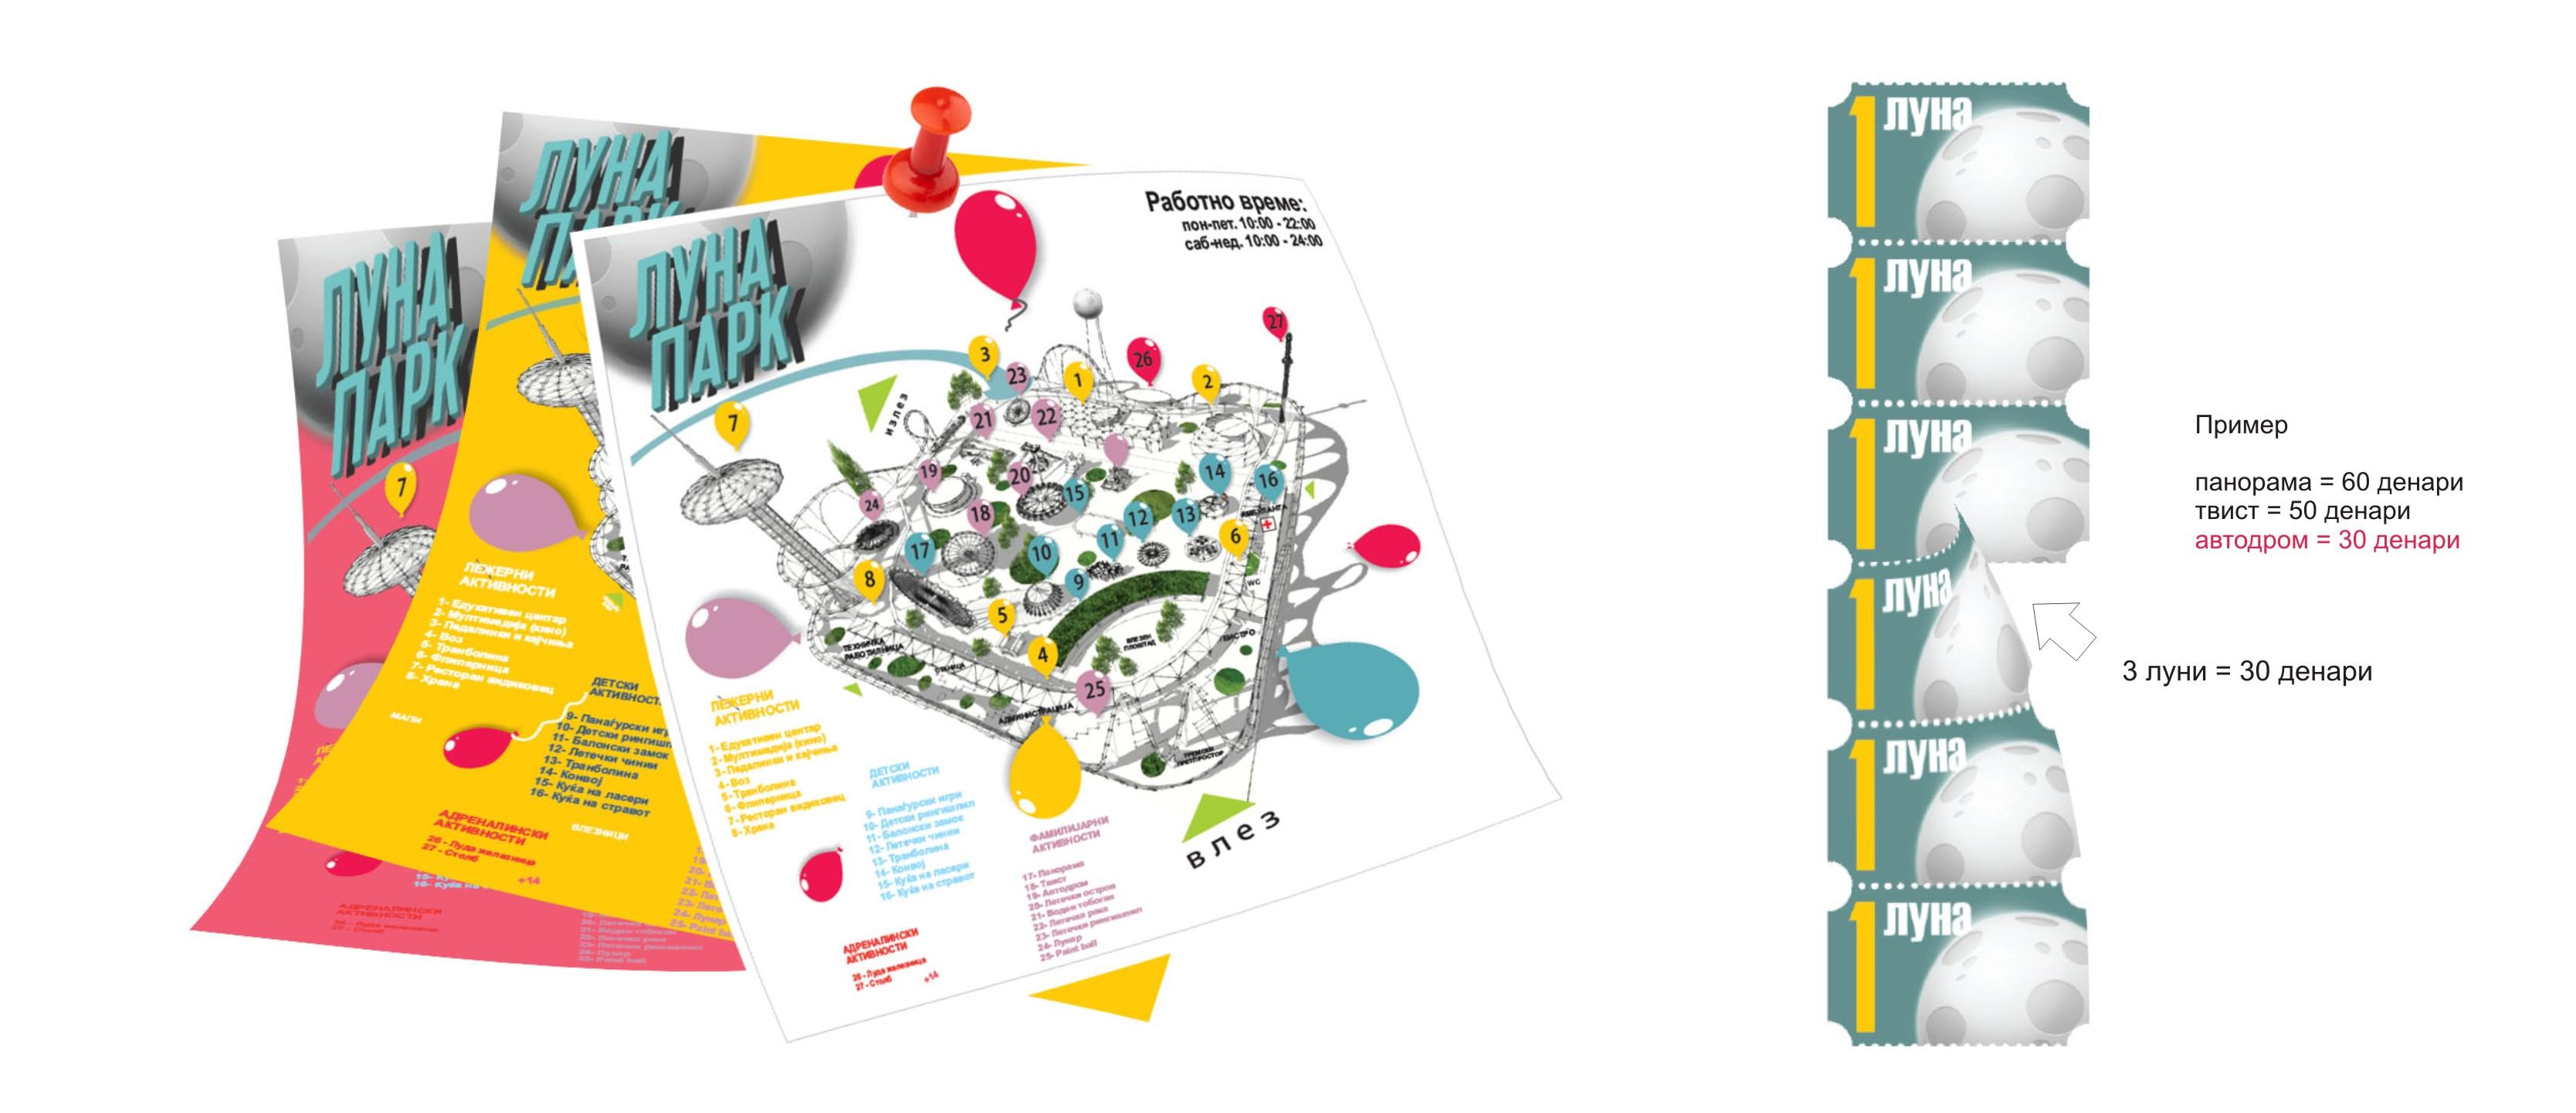 Победничко решение на конкурсот за Луна Парк_билети и флаери_Климент Патчев_Филип Конески_Марјан Димиќ_Борис Јурмовски_Борко Георгиев